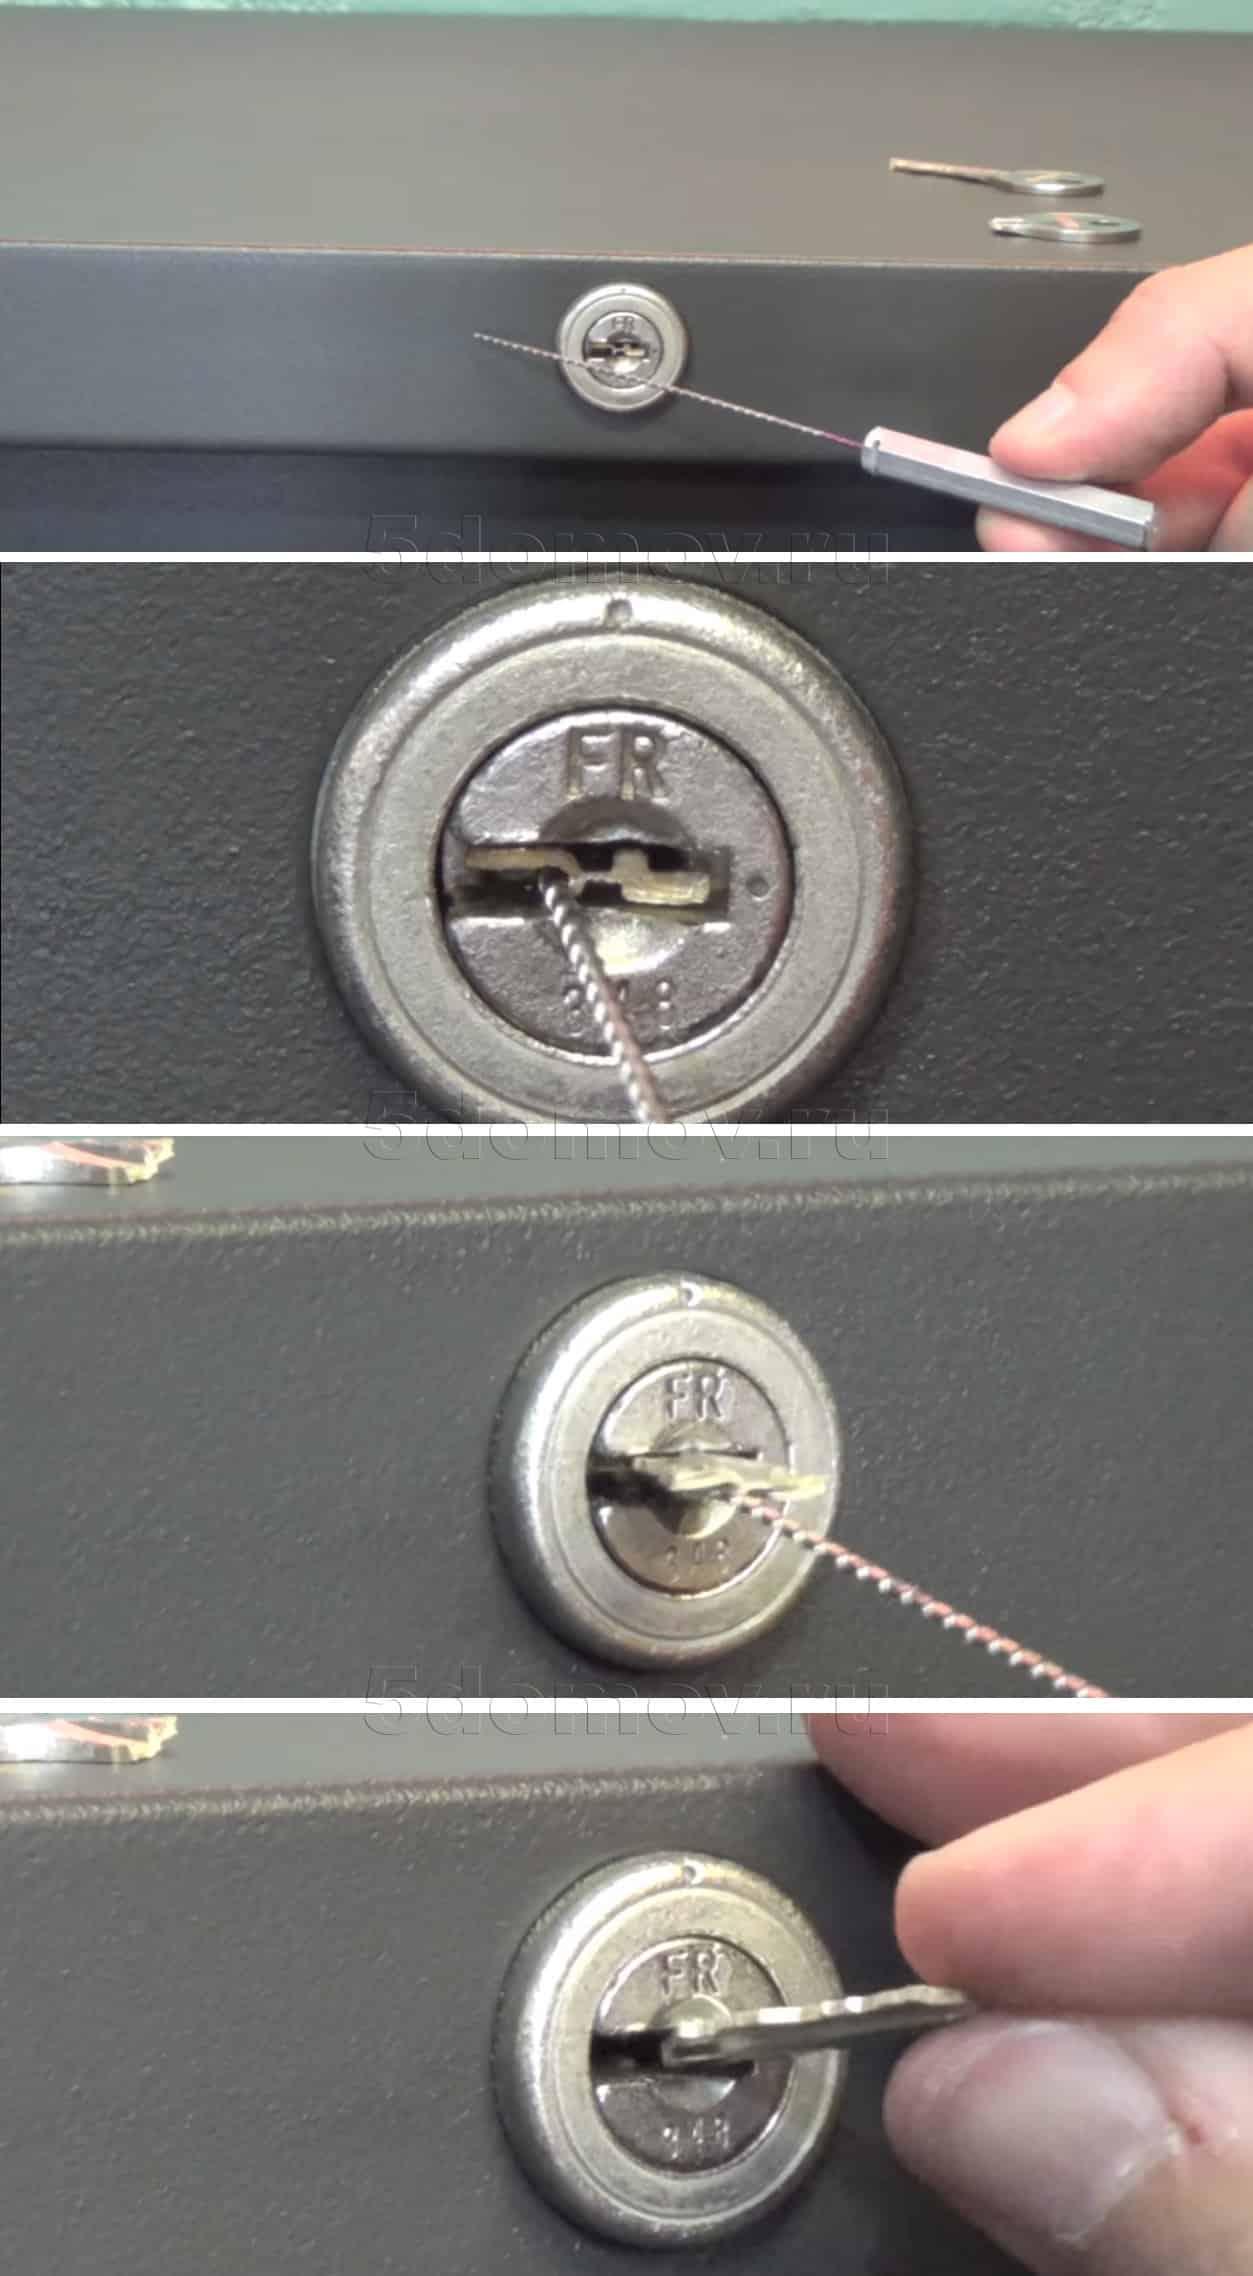 Что делать, если застрял ключ в замке | Застрял ключ в замке двери, что делать